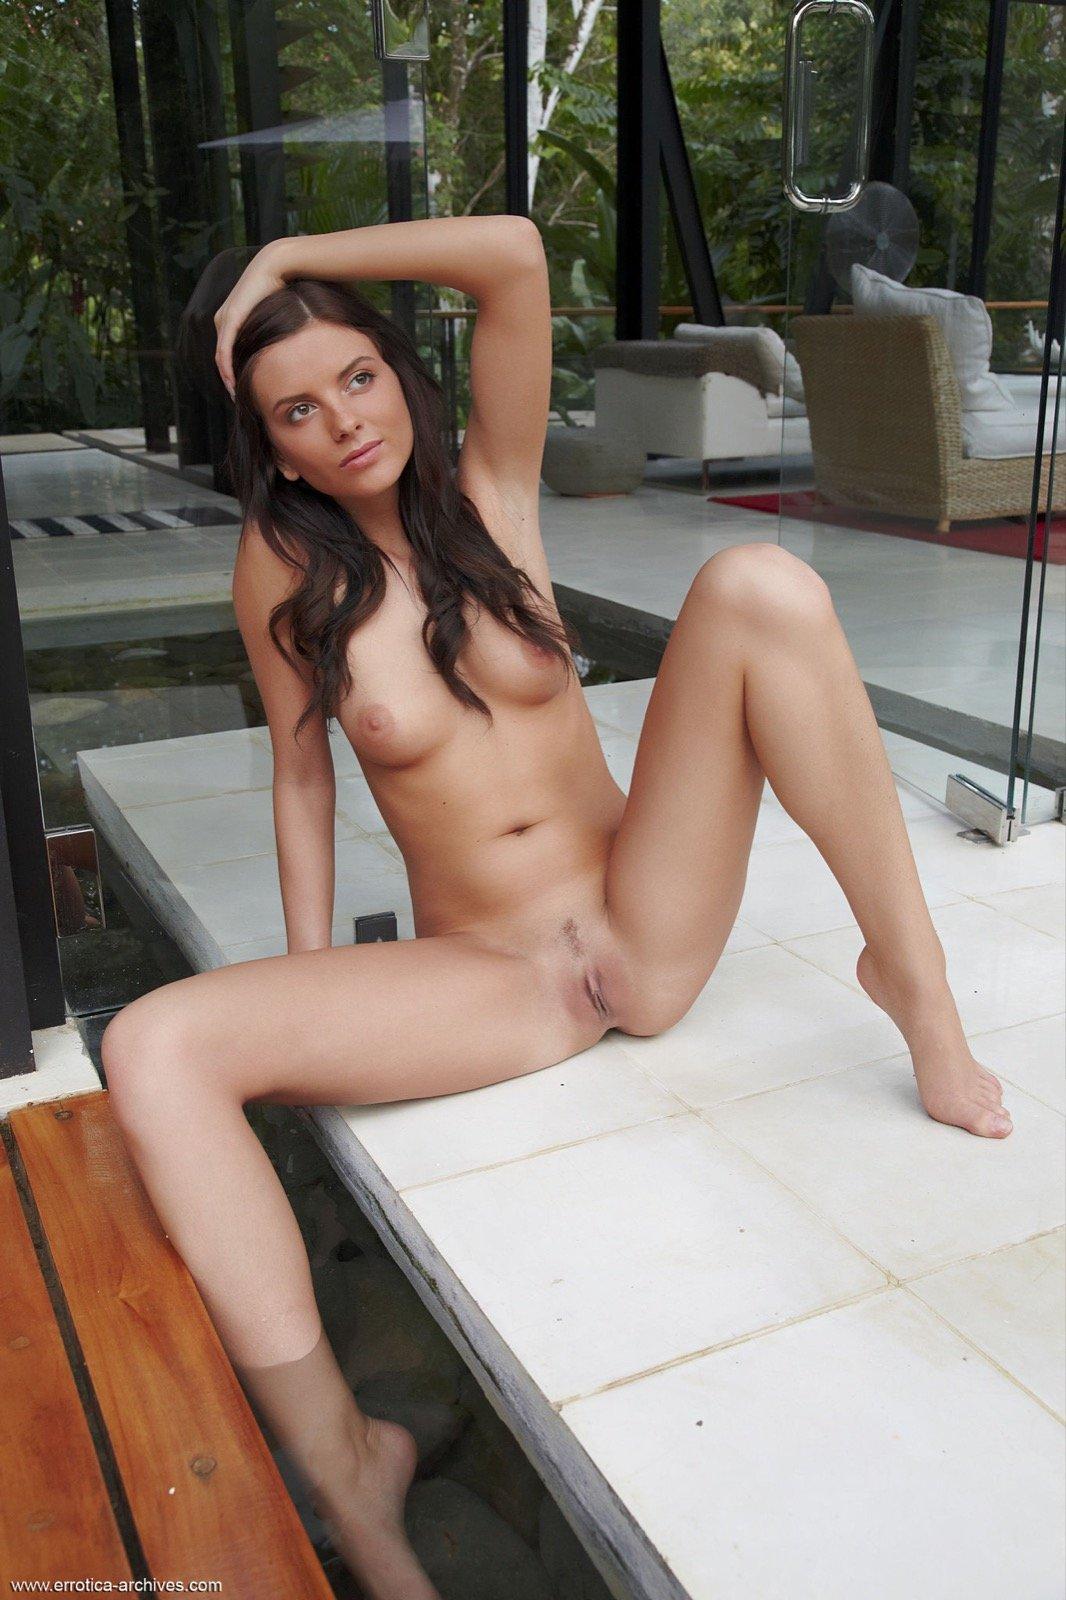 Юная модель с роскошным телом прогнулась на полу